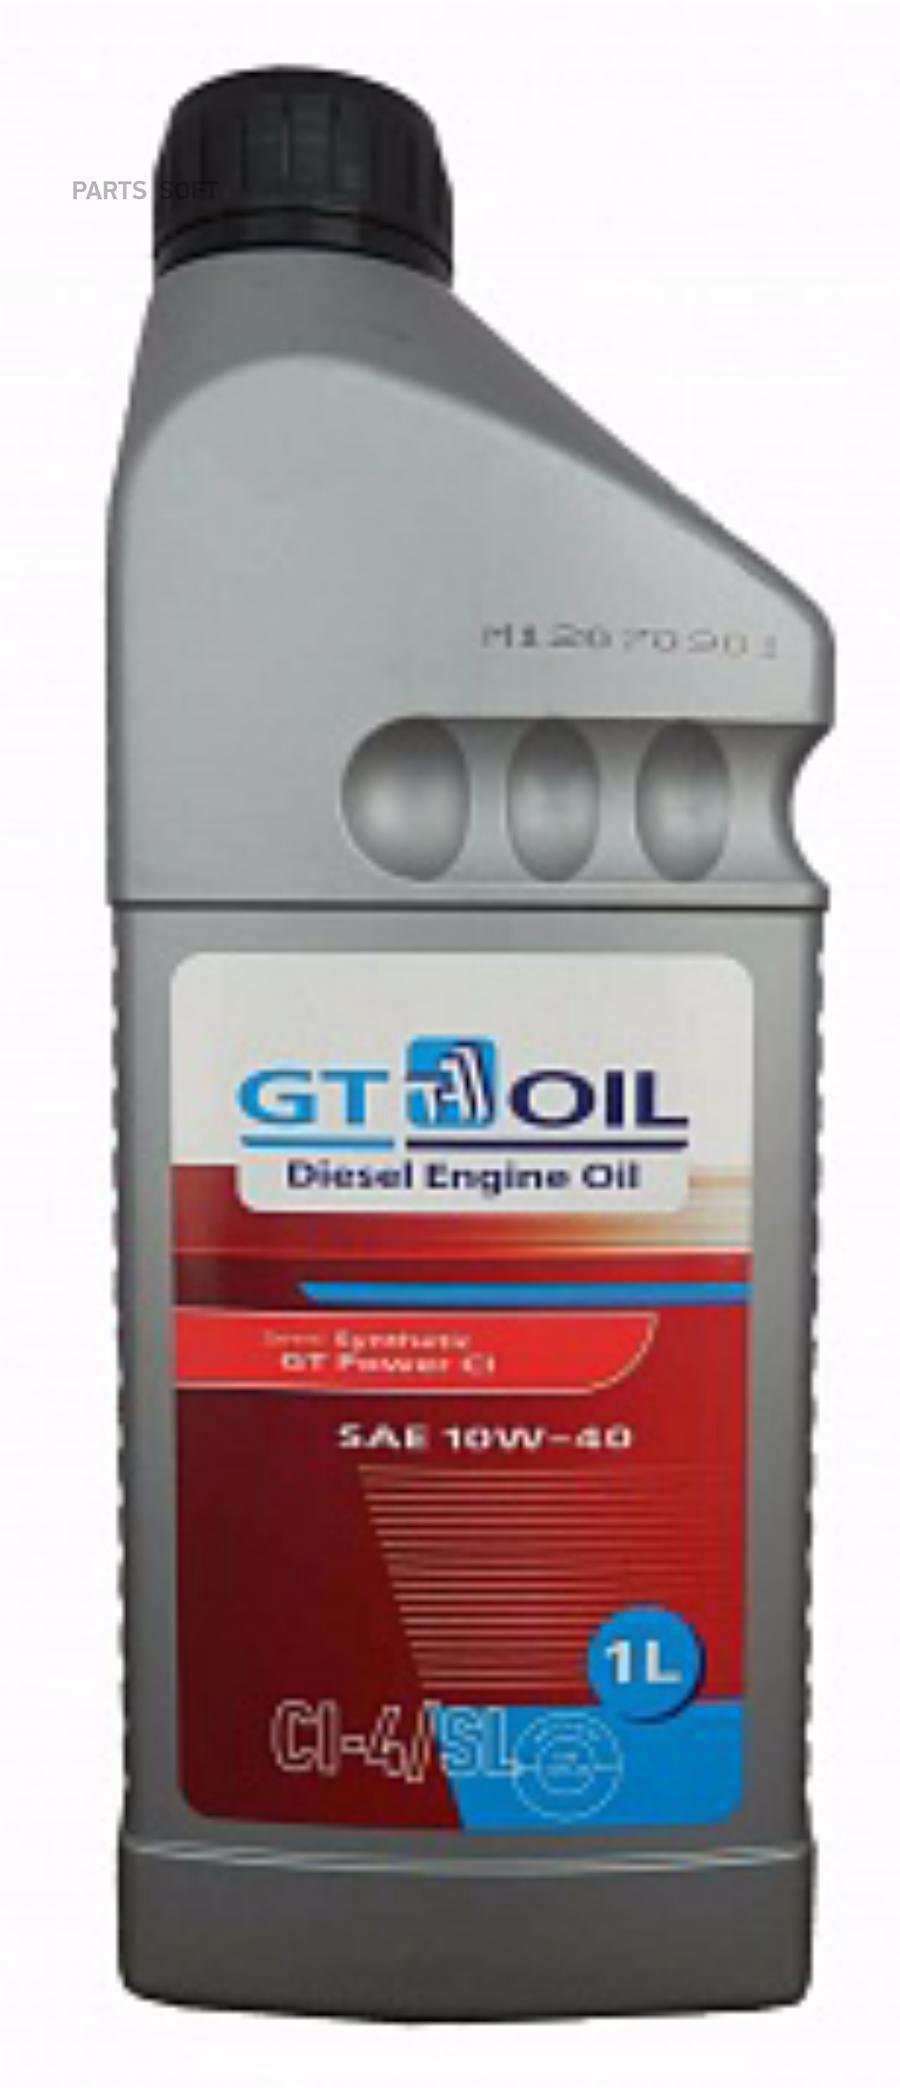 GT Oil GT POWER CI 10W-40 10W-40 .